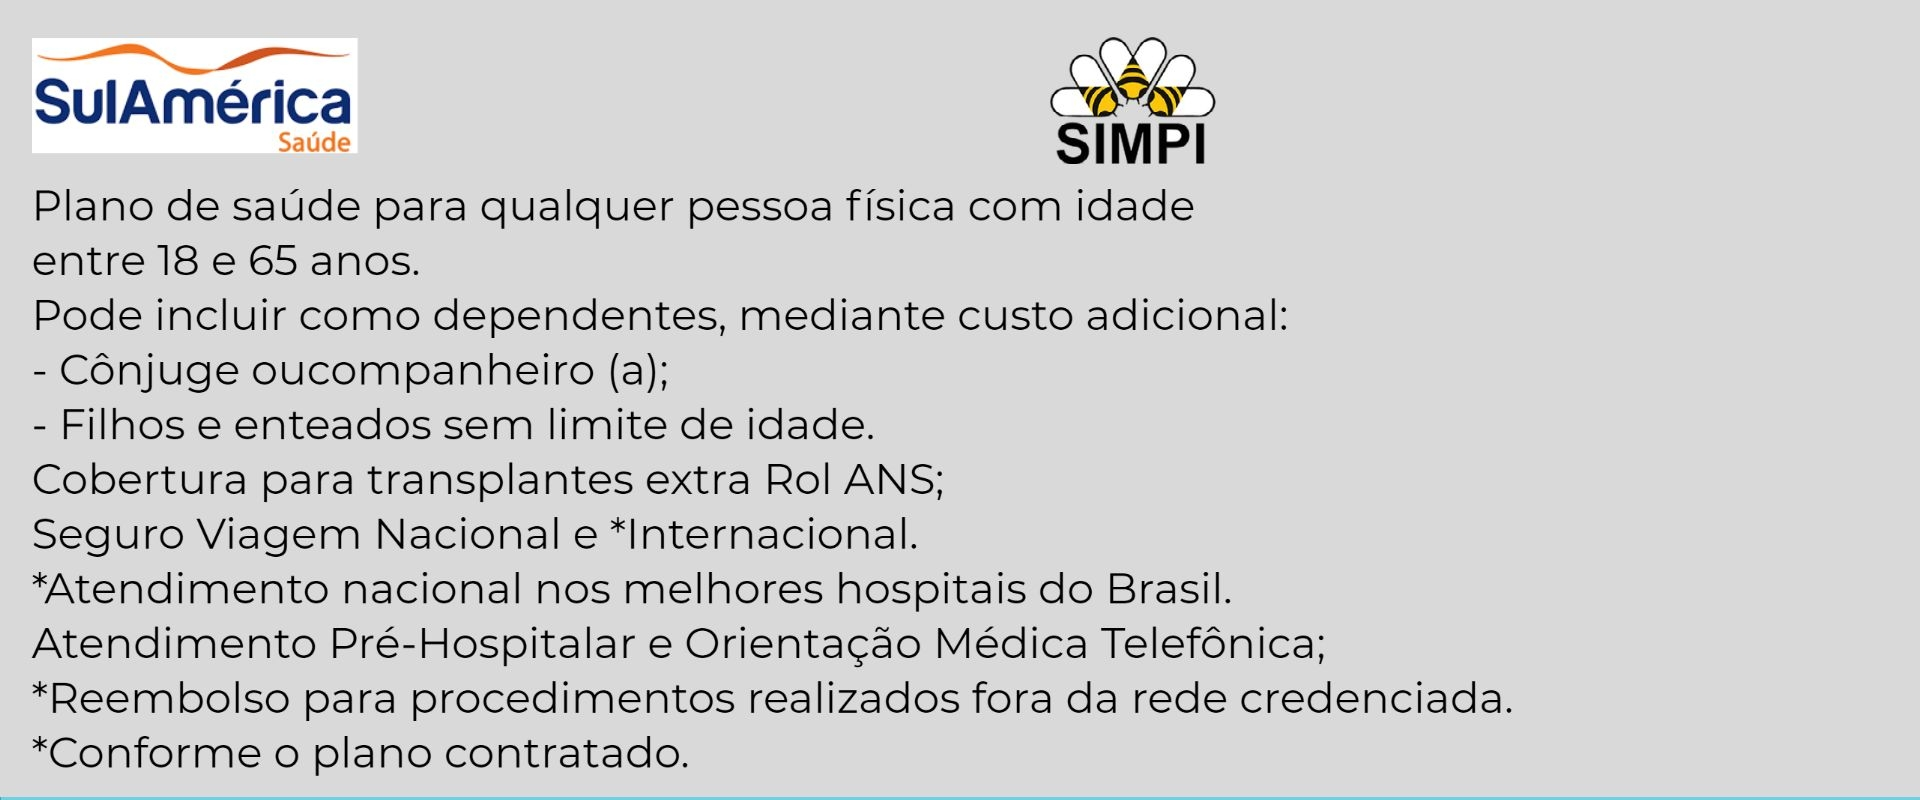 Sul América Simpi